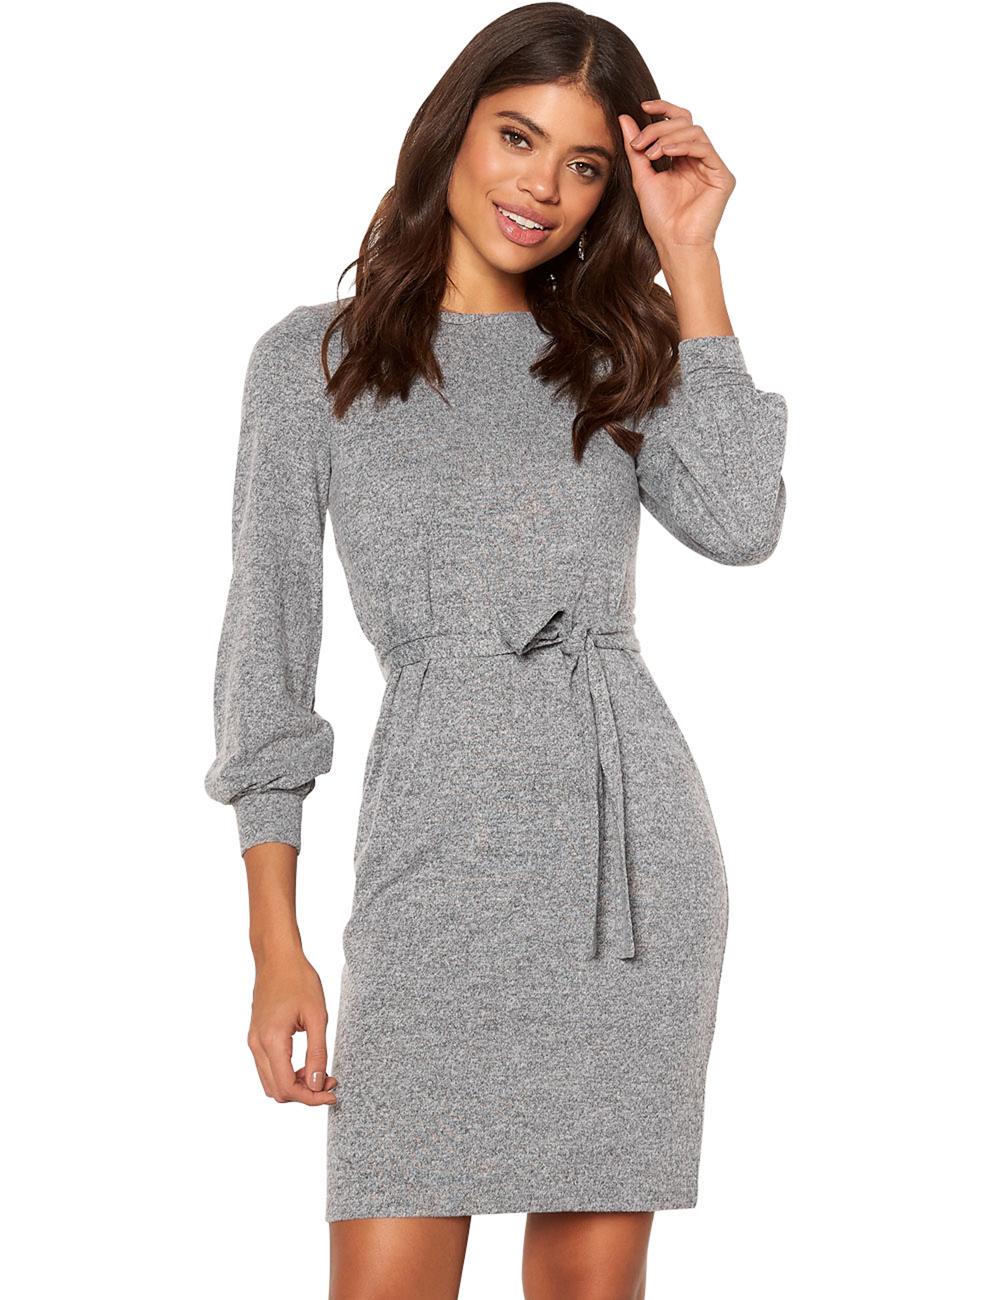 Kleid von Happy Holly mit langen Ärmeln, grau meliert